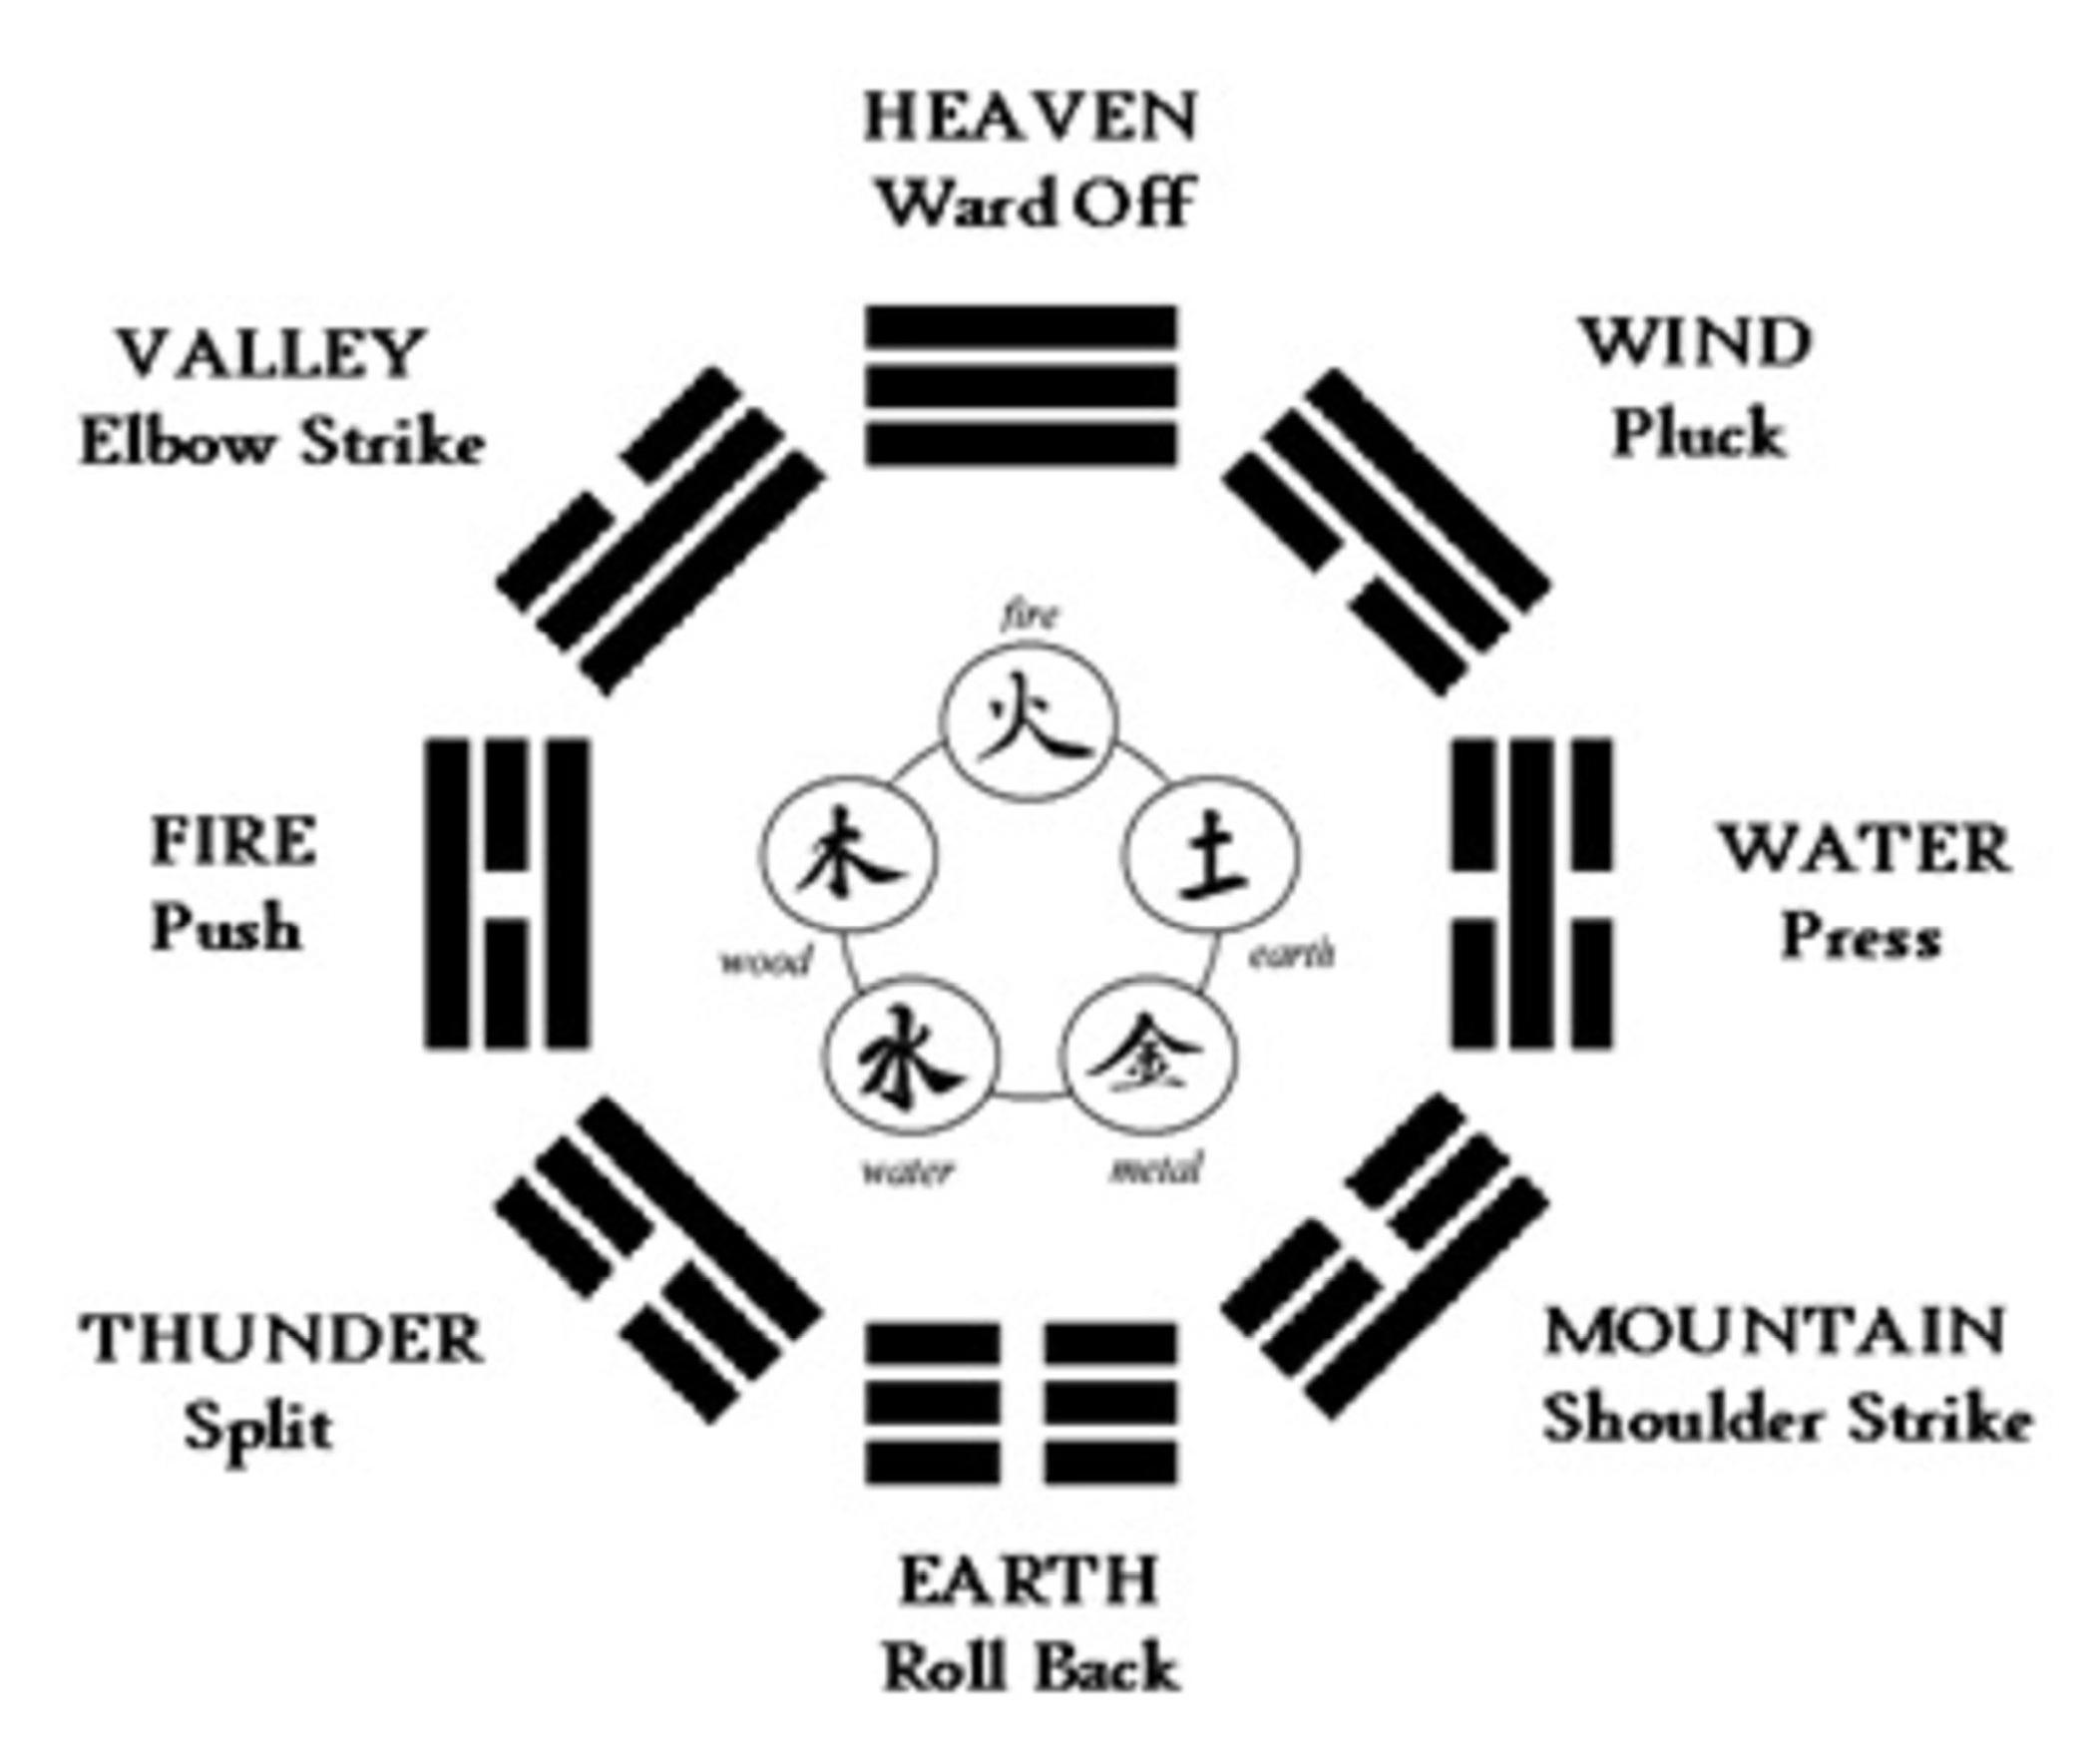 Diagram from  www.taichimontreal.wordpress.com